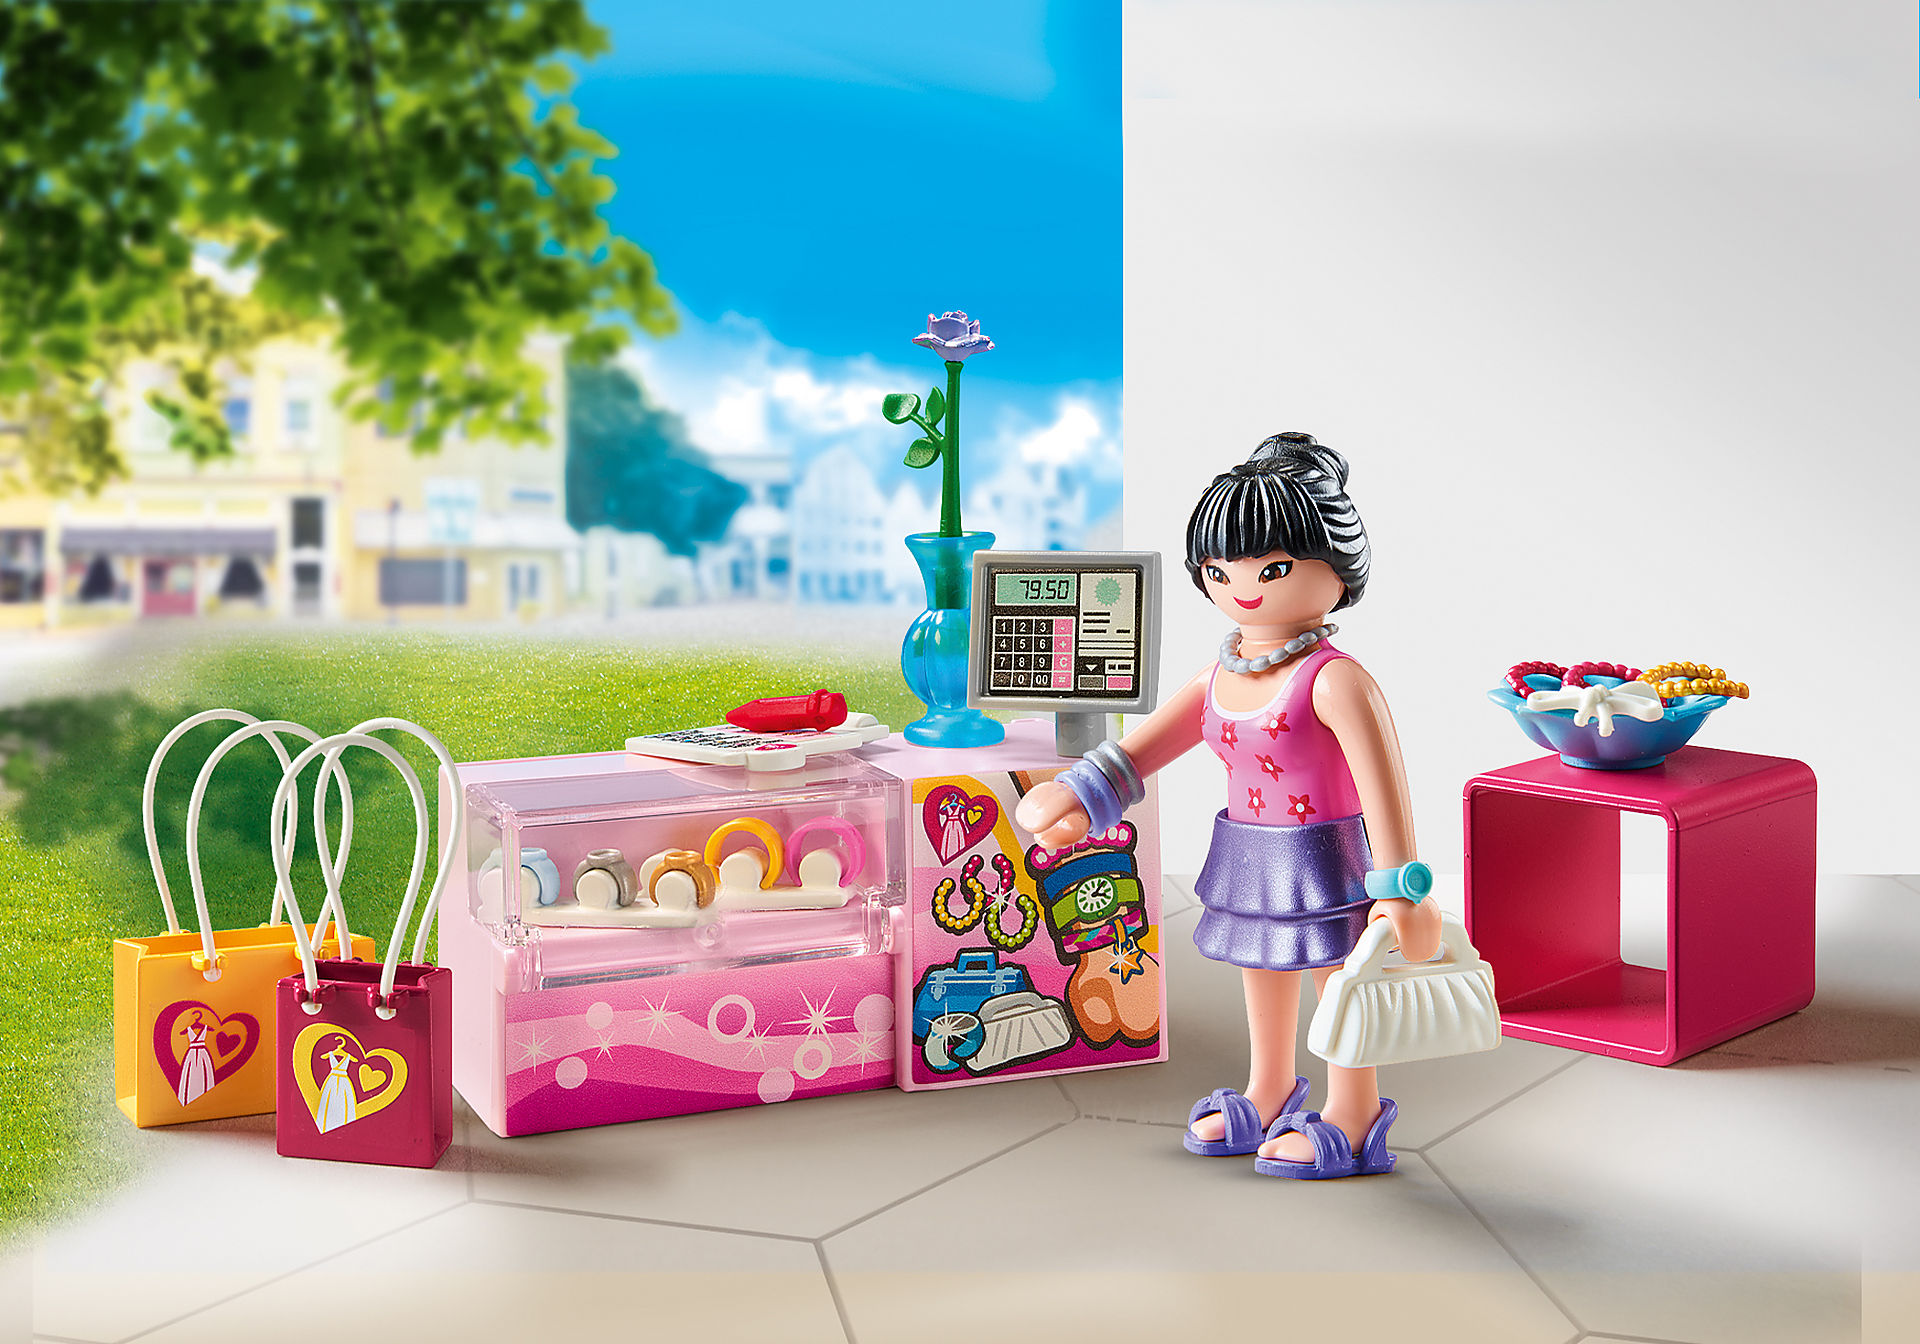 70594 Boutique accessoires de mode zoom image1